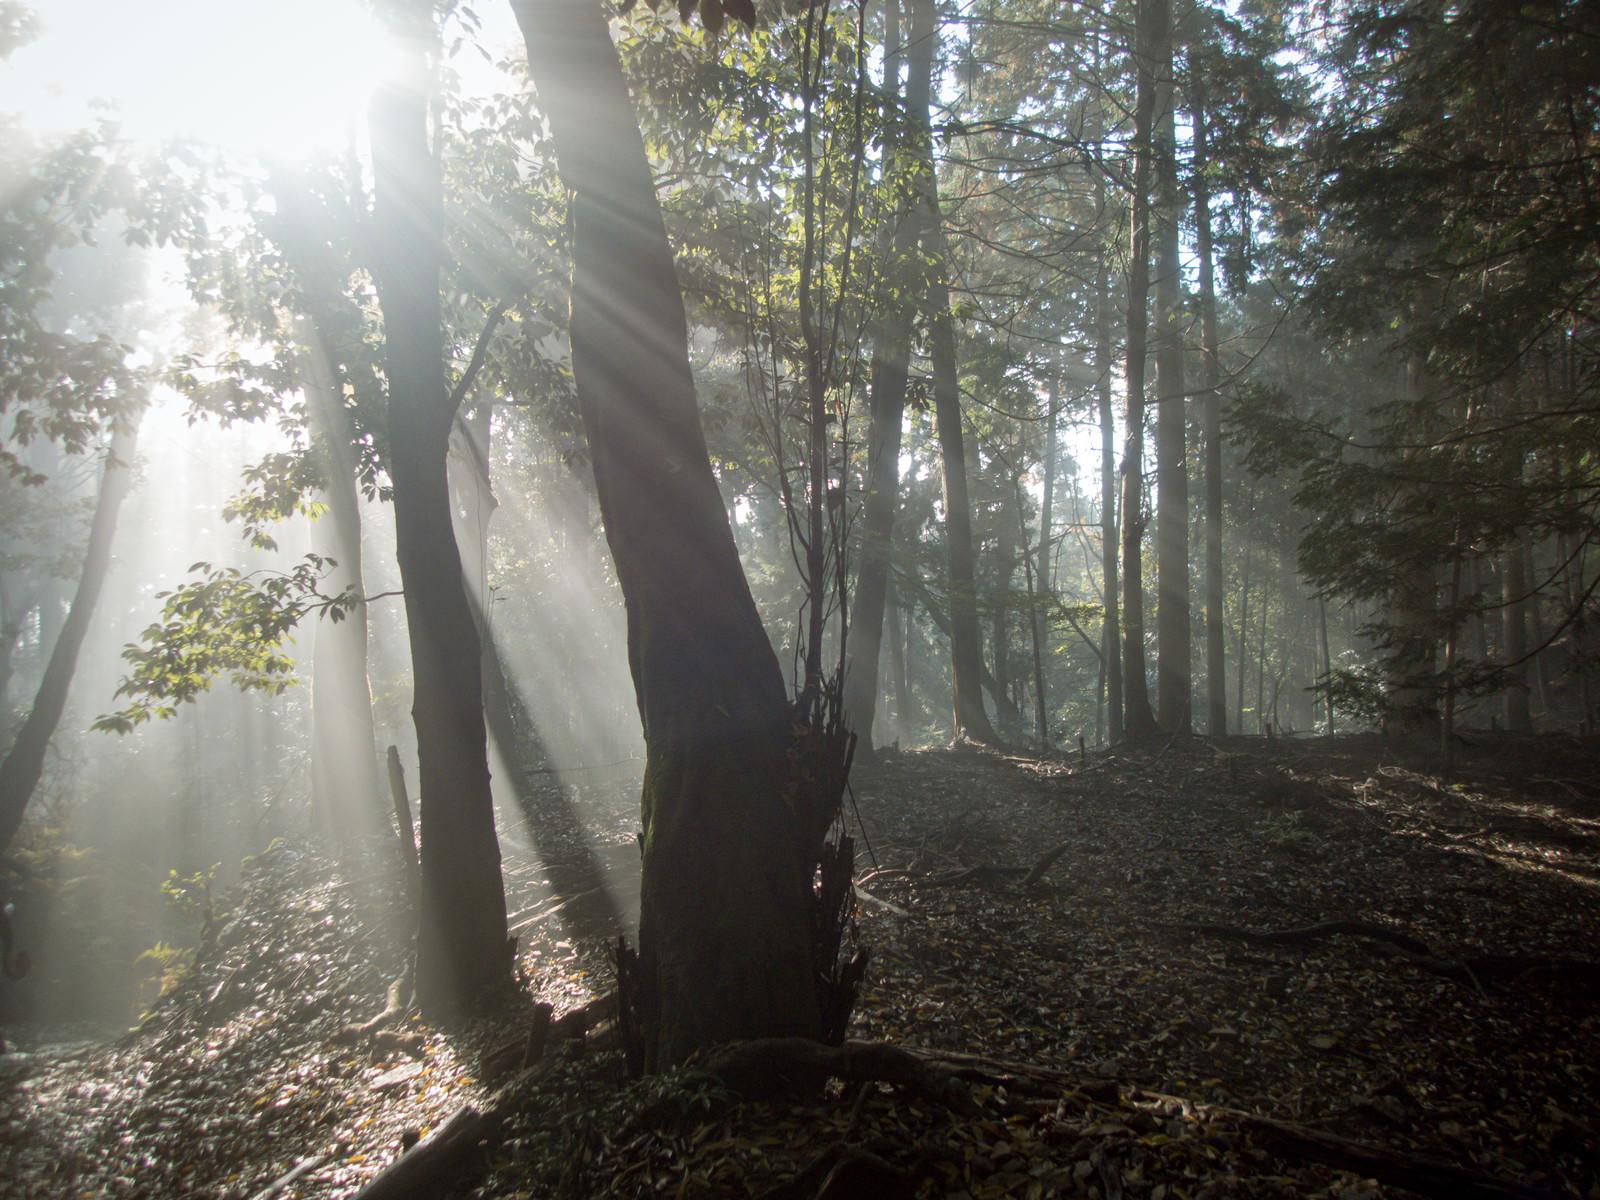 「朝日が射し込む森」の写真